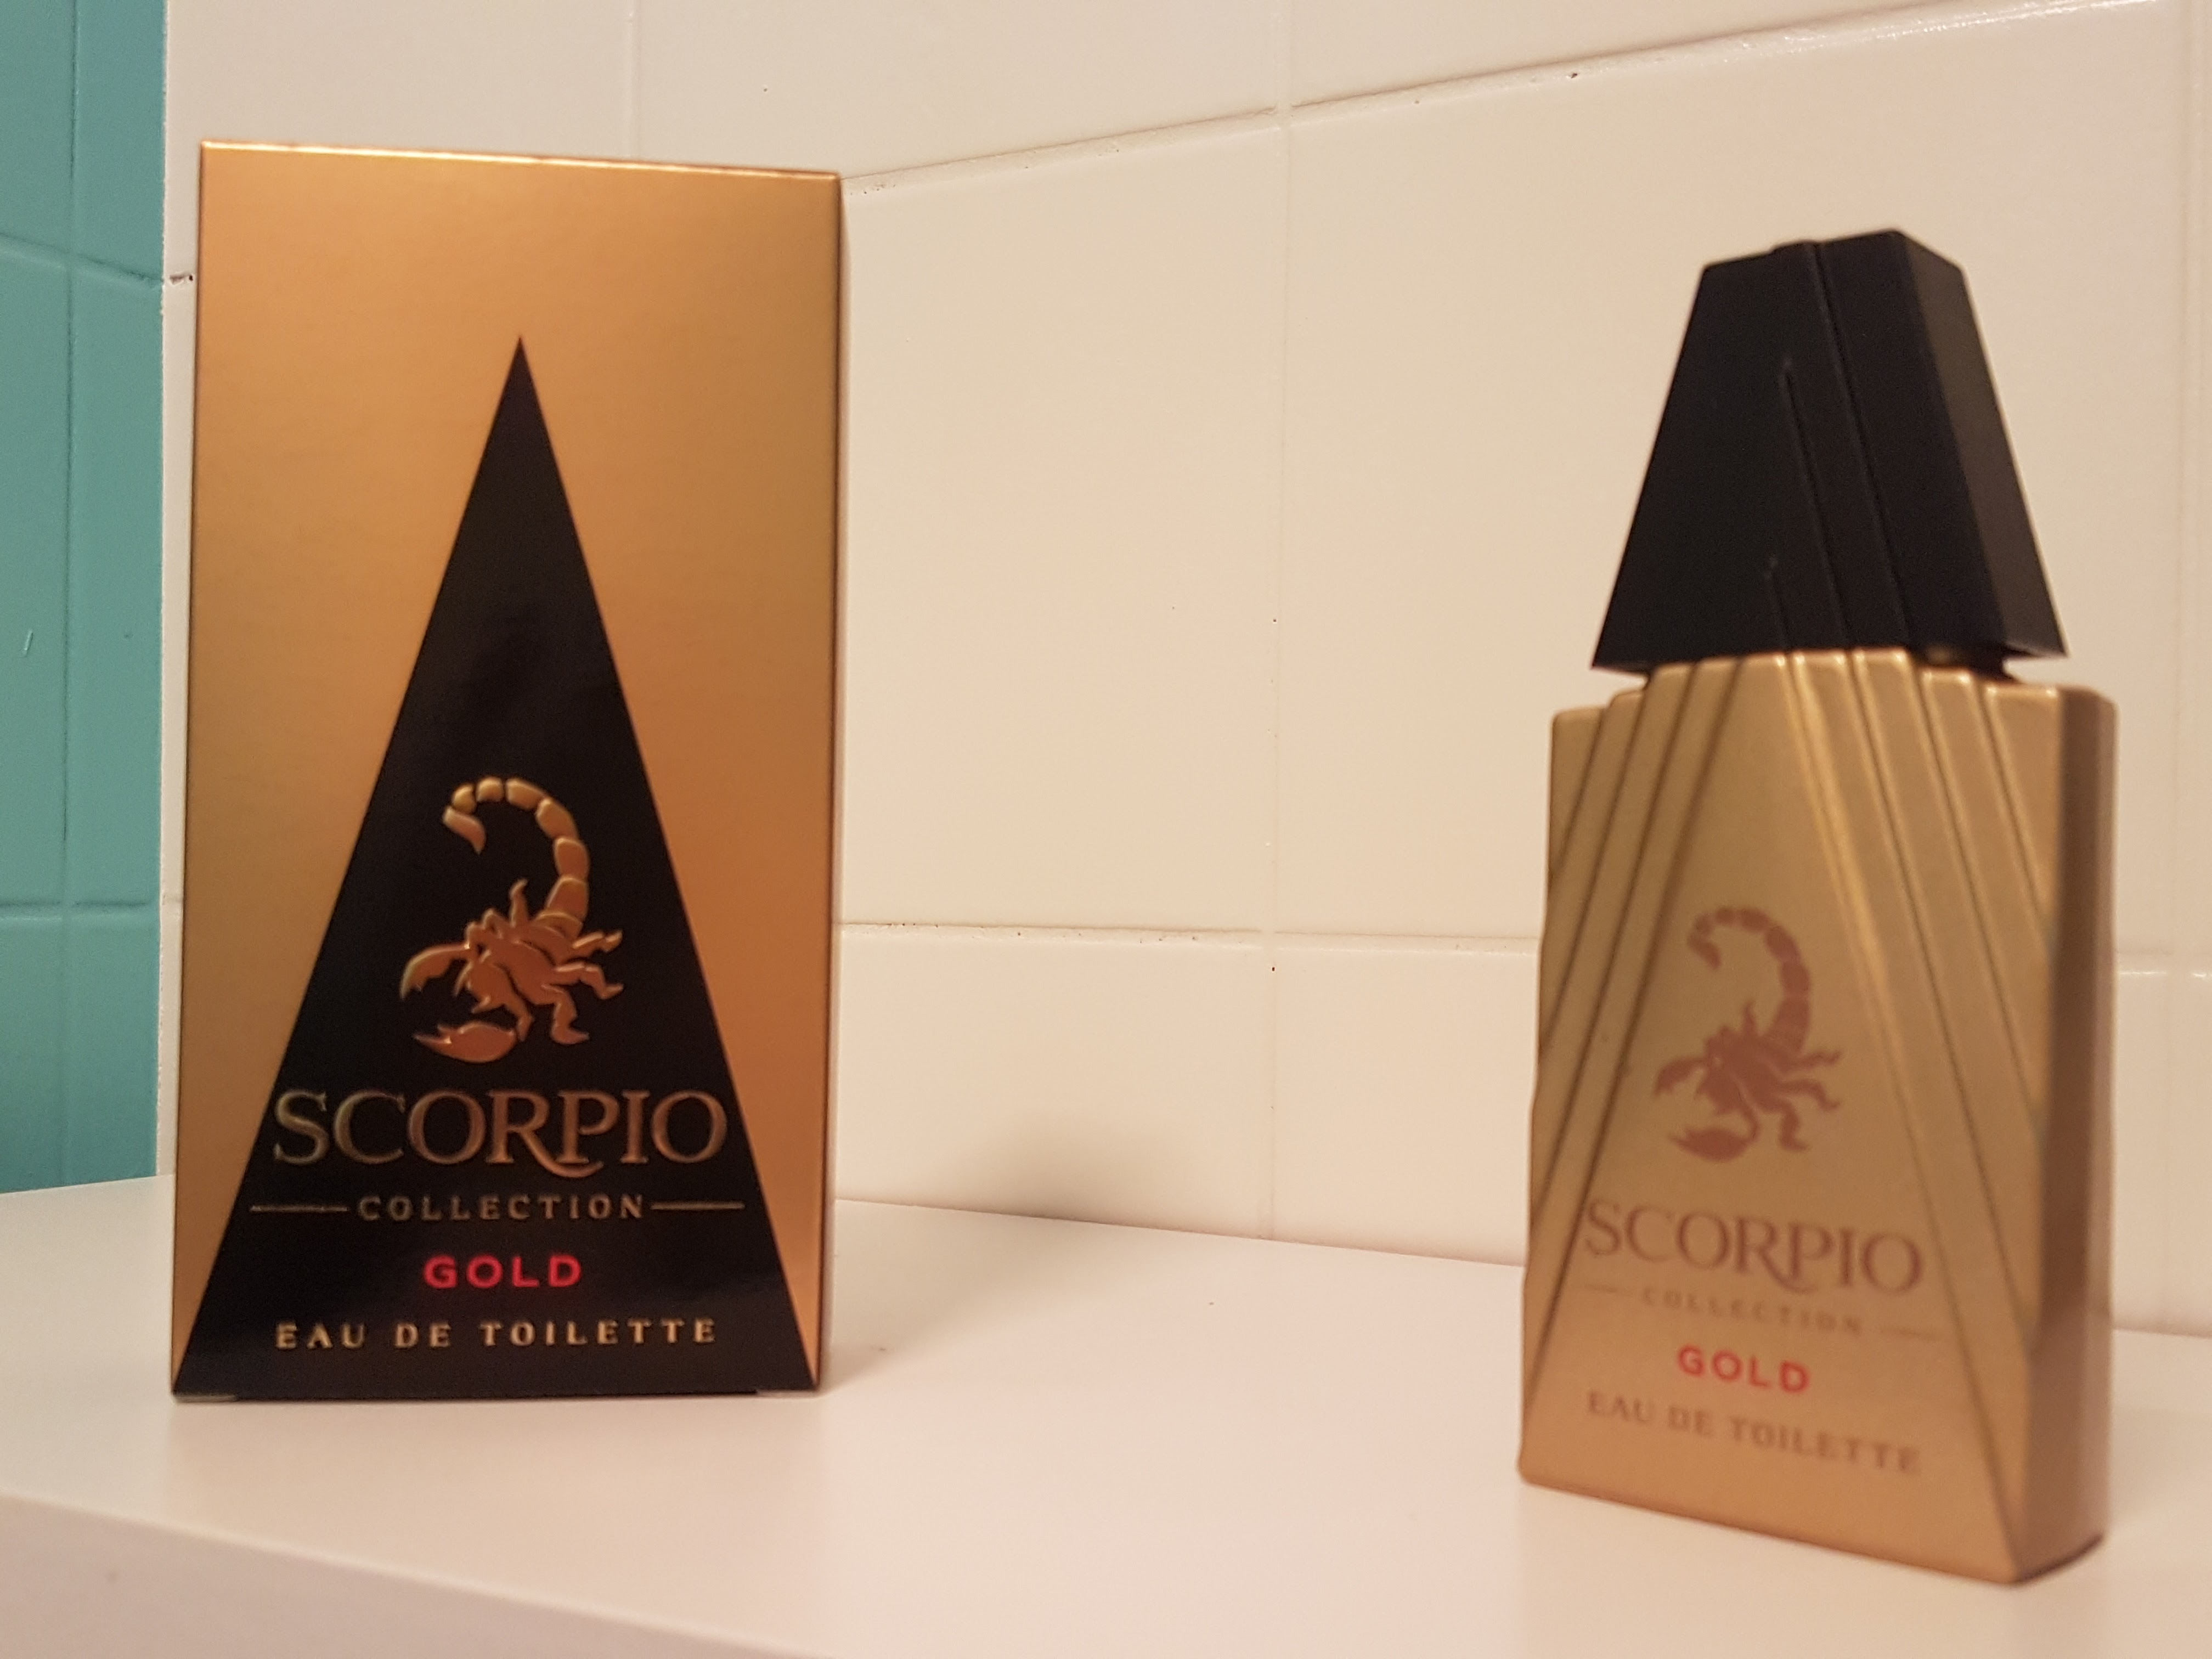 Scorpio-Collection-Gold - Scorpio-Collection-Gold-6.jpg